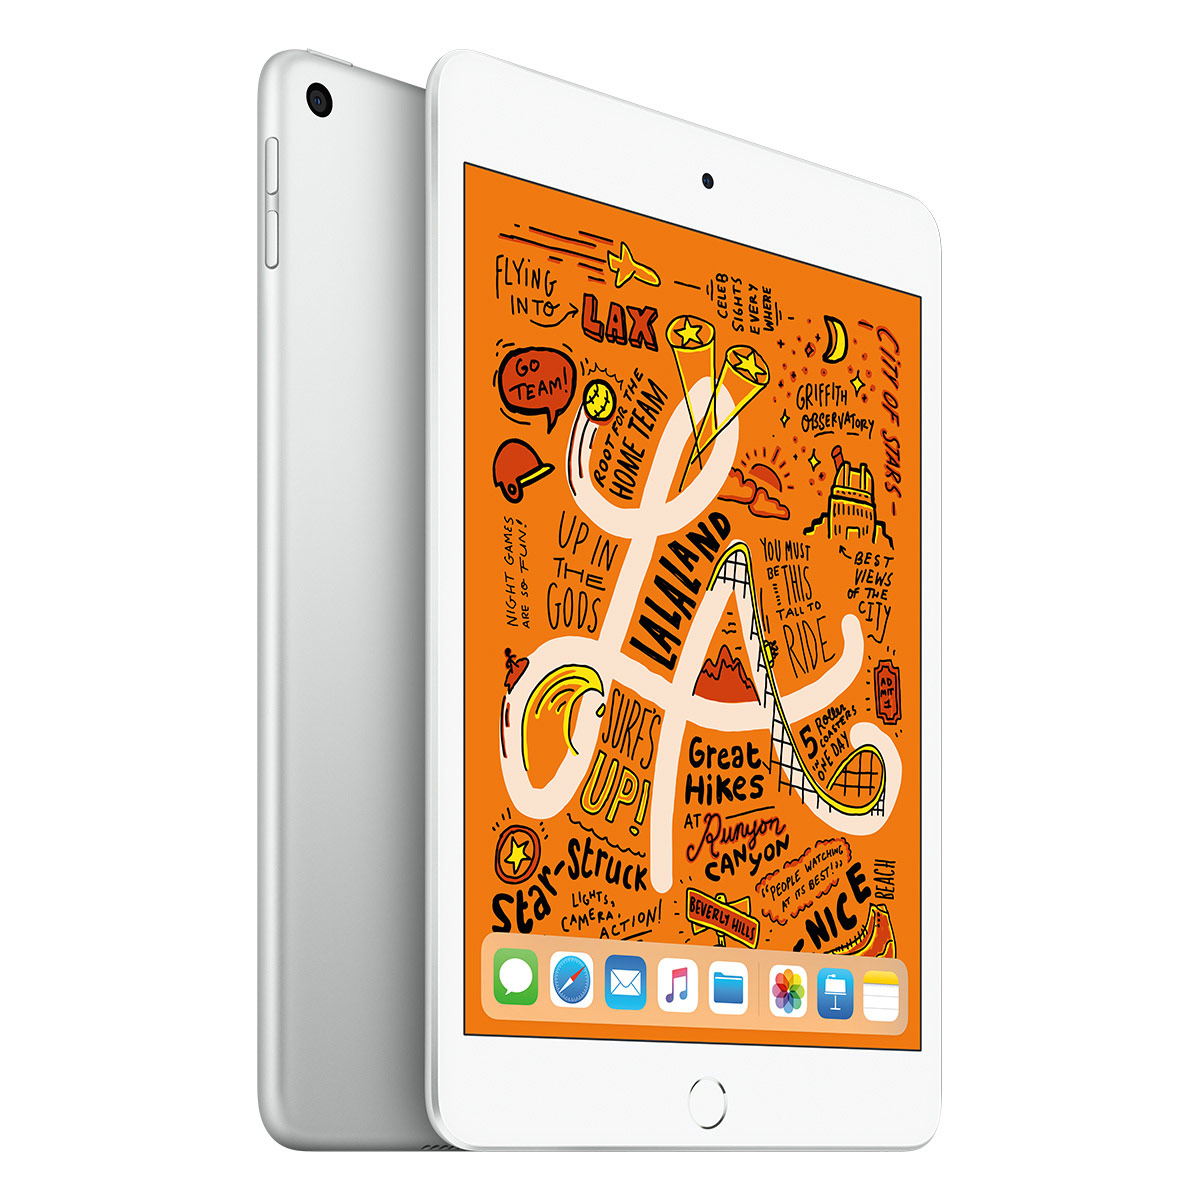 Apple iPad mini 256GB WiFi - Silver